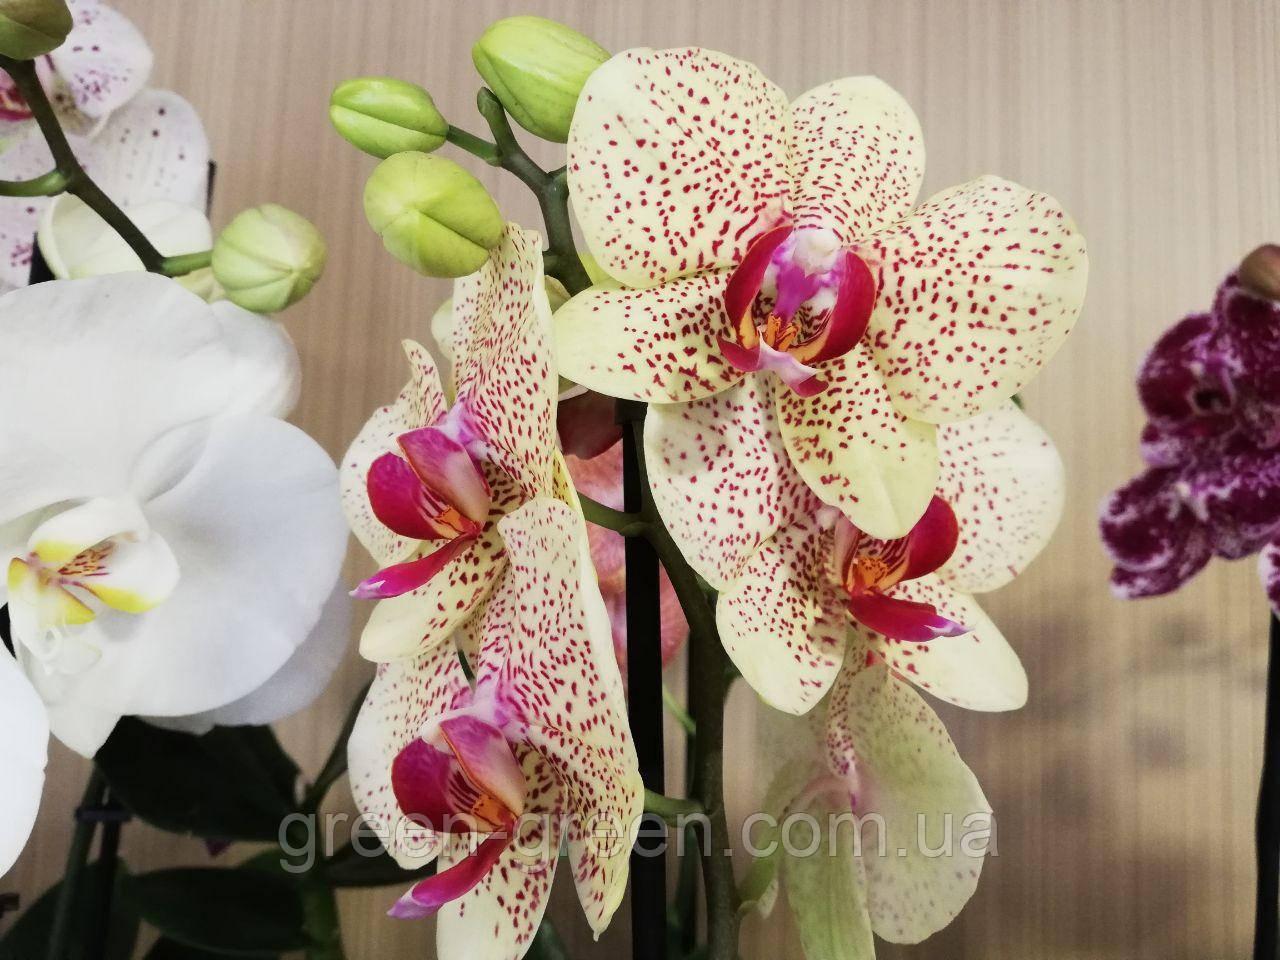 Орхідея Фаленопсис лимонна плямиста